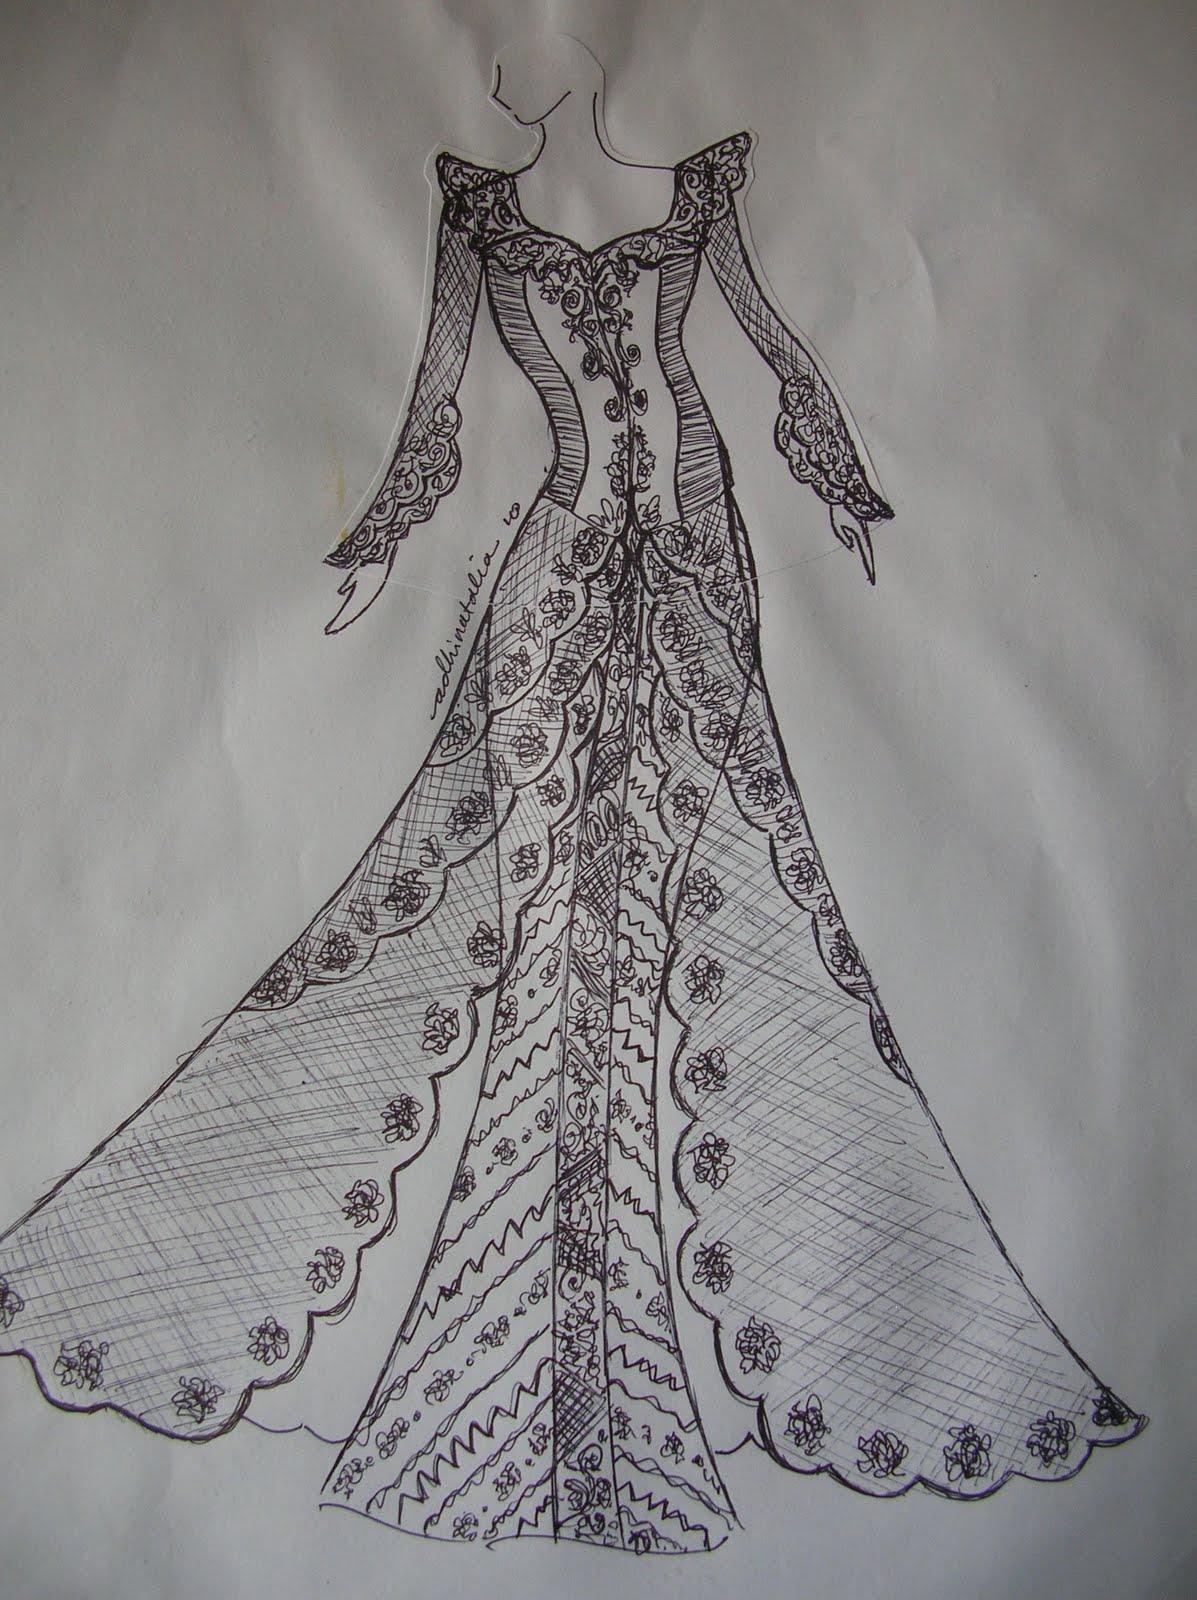 Gambar Sketsa Desain Baju Batik